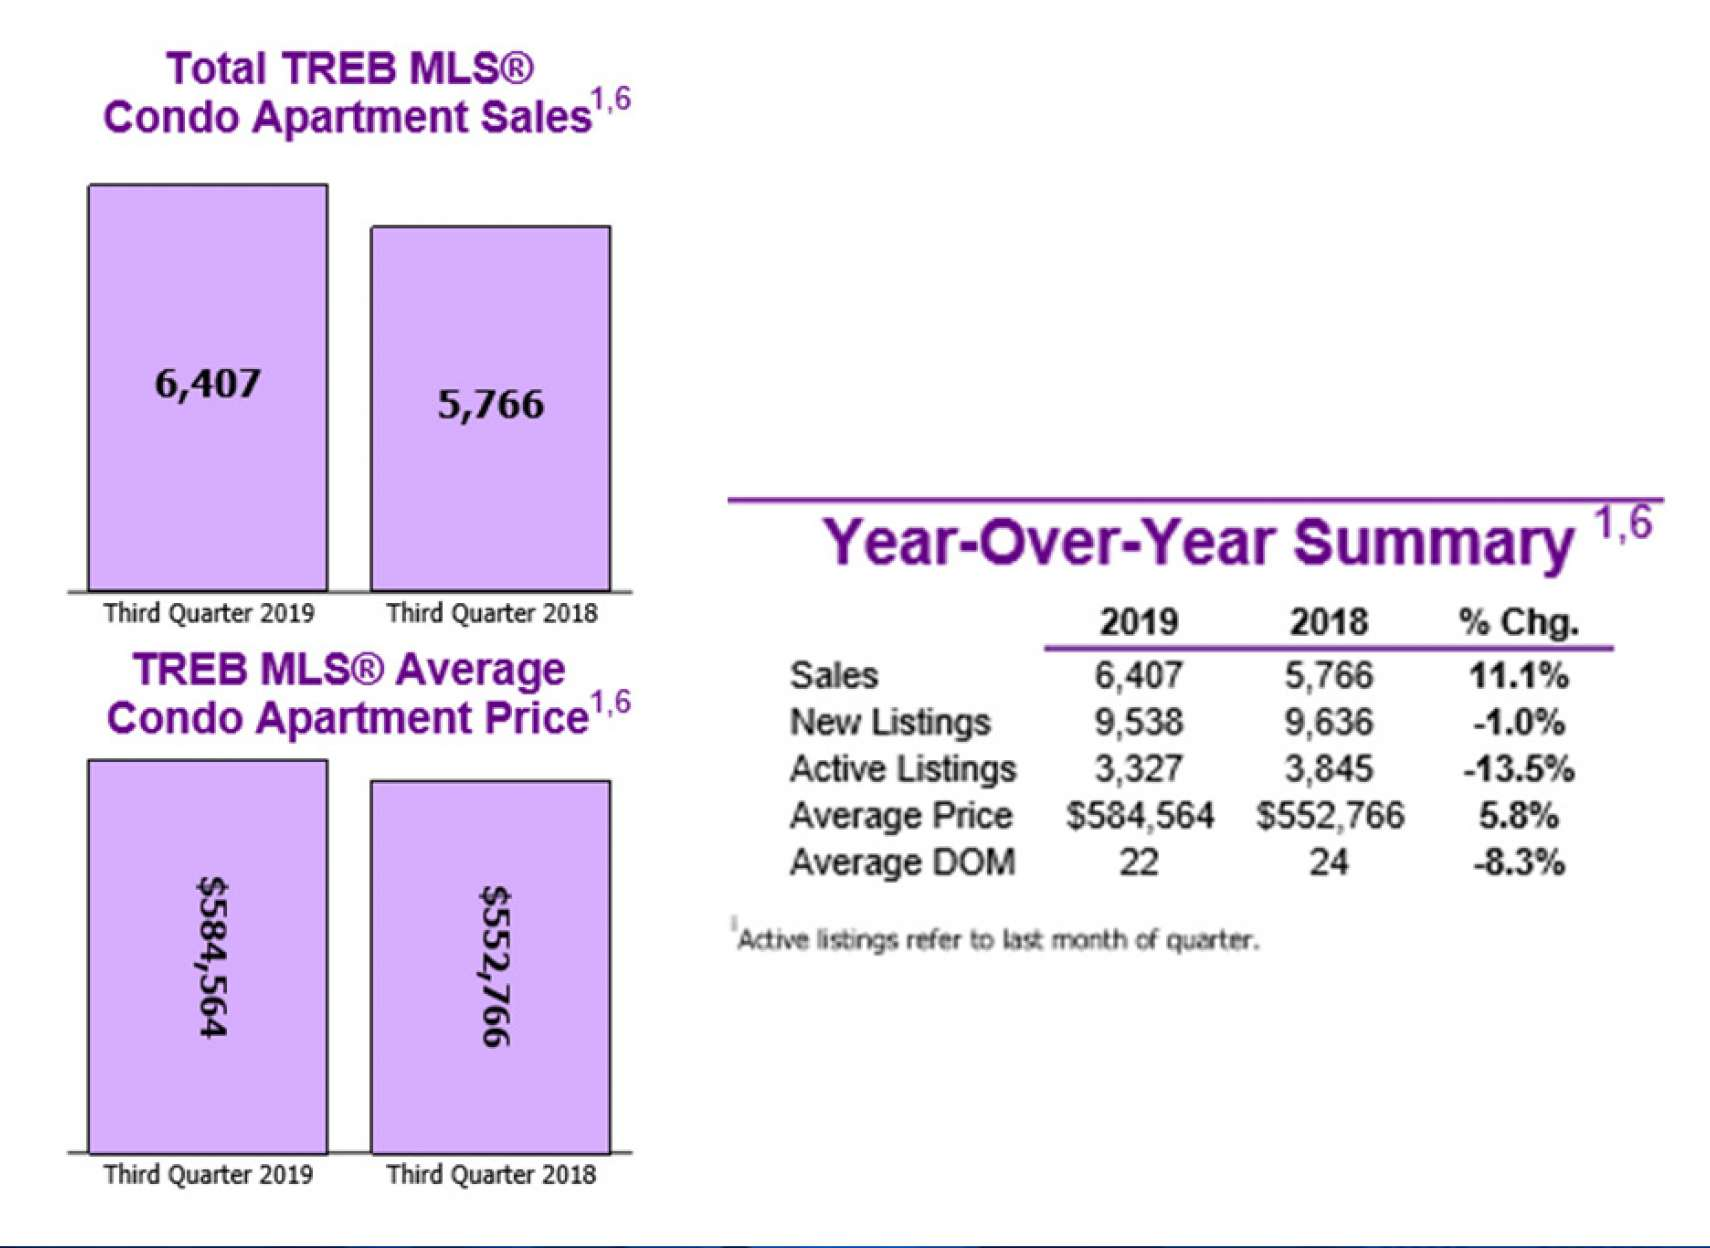 انواری-مسکن-آمار-خريد-و-فروش-کاندو-آپارتمان-در-سه-ماهه-سوم-سال